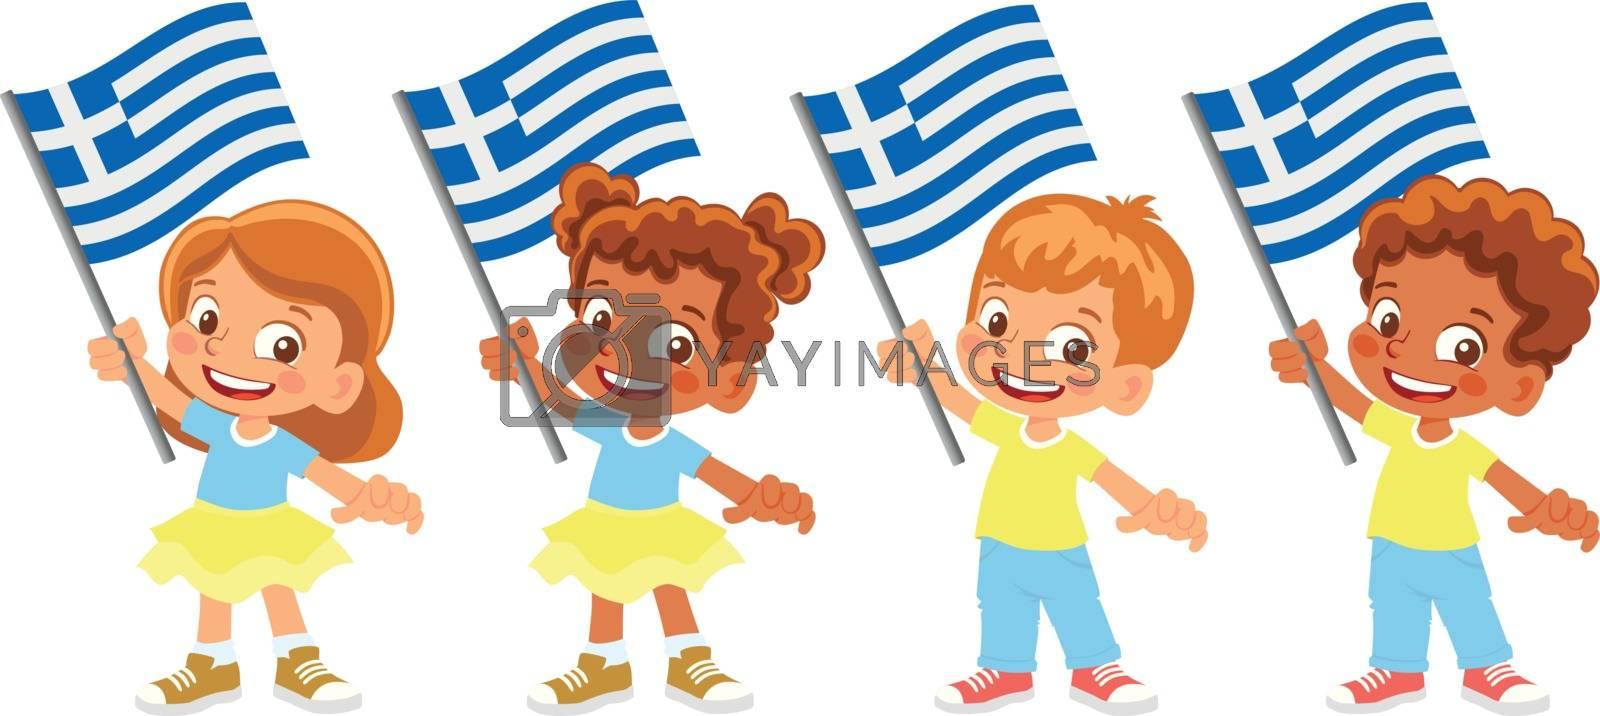 Greece flag in hand. Children holding flag. National flag of Greece vector